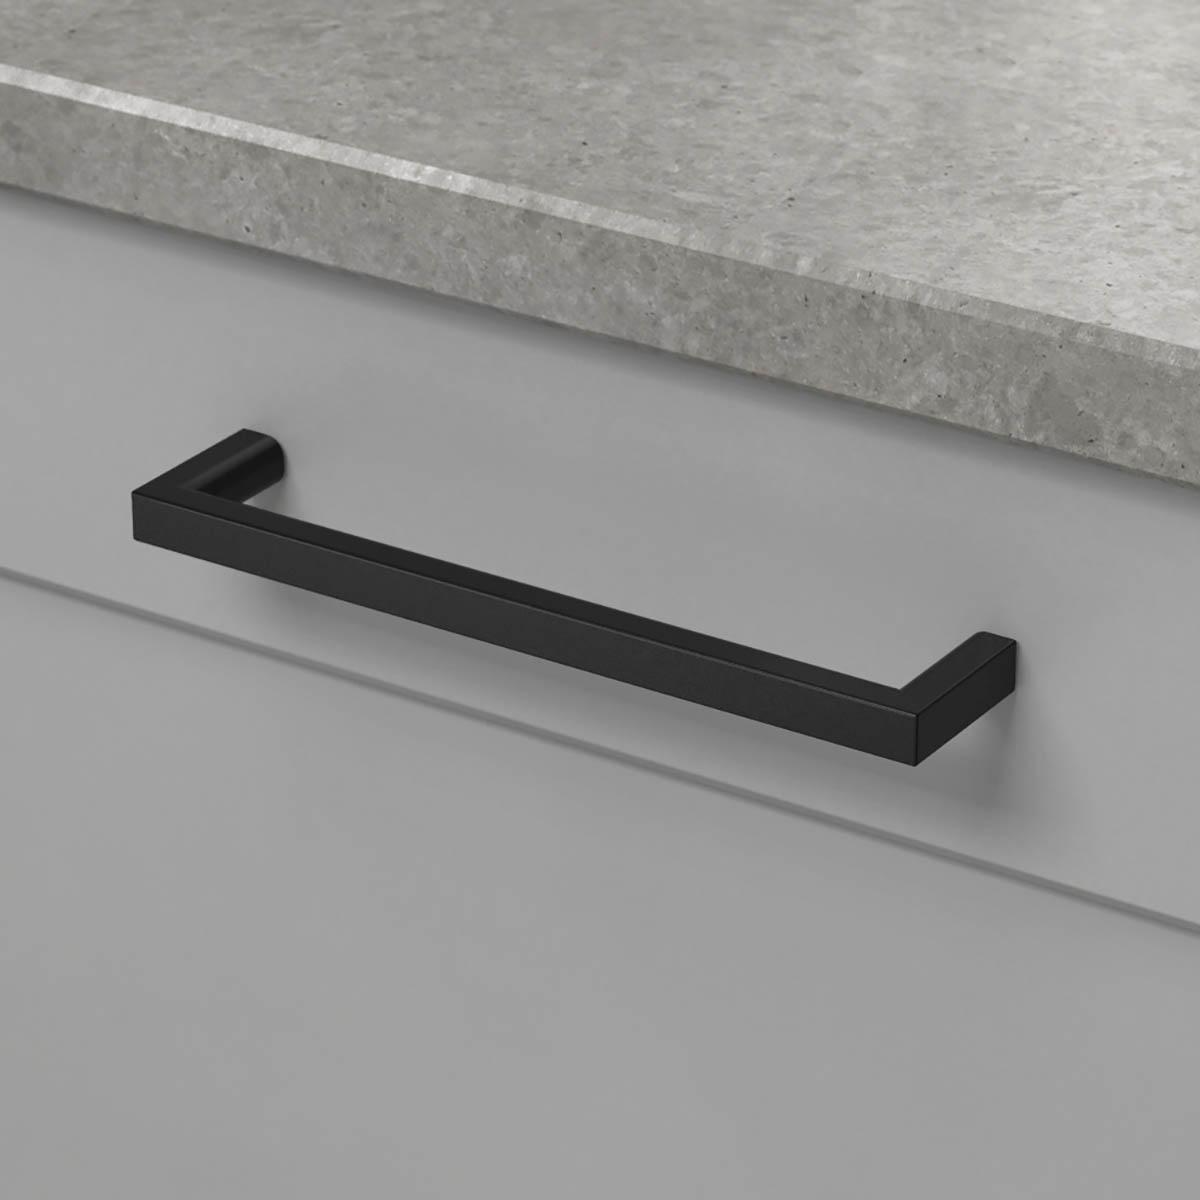 Handtag soft matt svart 306002 11 cc 128 mm ncs s 4500 n noble concrete grey